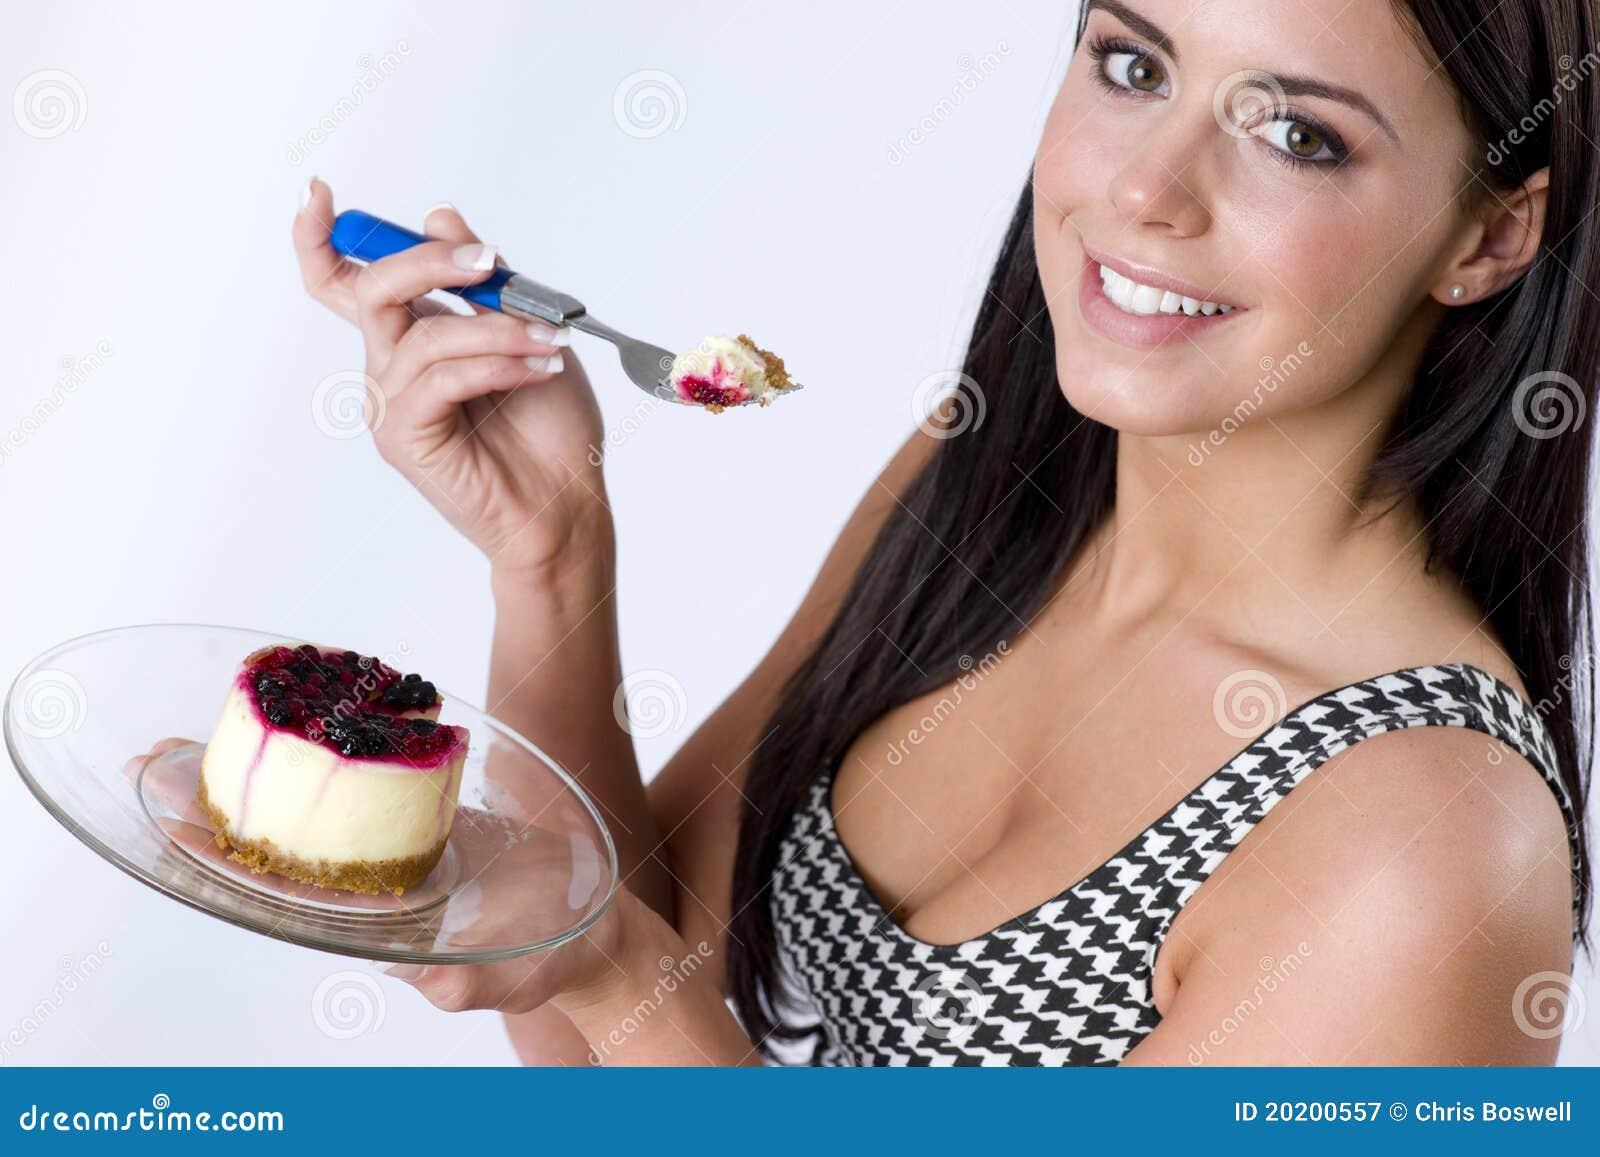 naked girl eating dessert